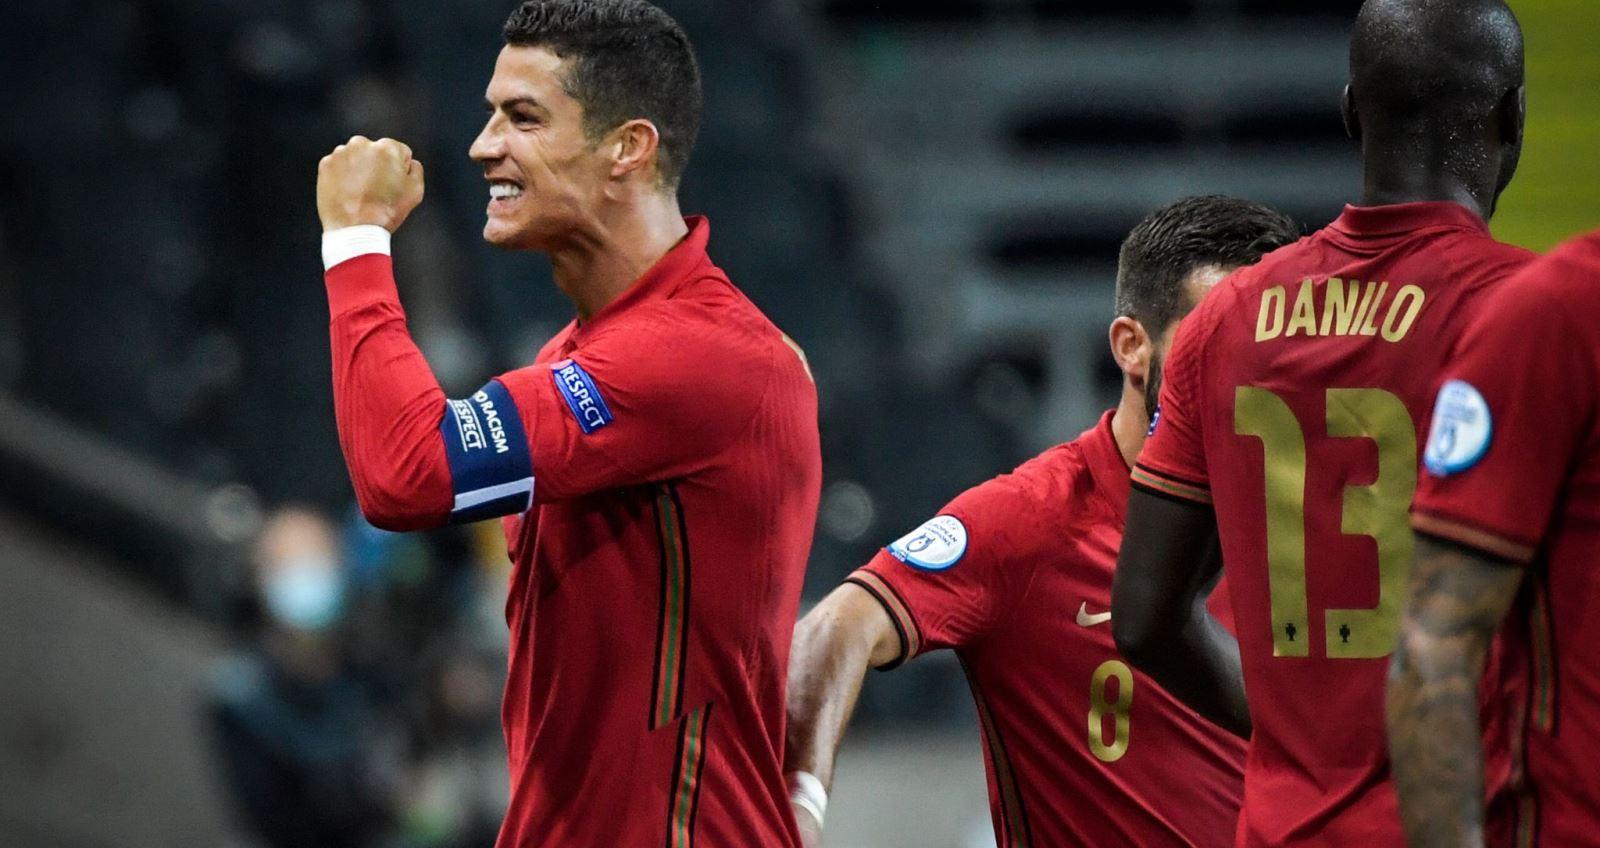 bóng đá, bóng đá hôm nay, ronaldo, cristiano ronaldo, bồ đào nha, uefa nations league, sergio reguilon, real madrid, MU, manchester united